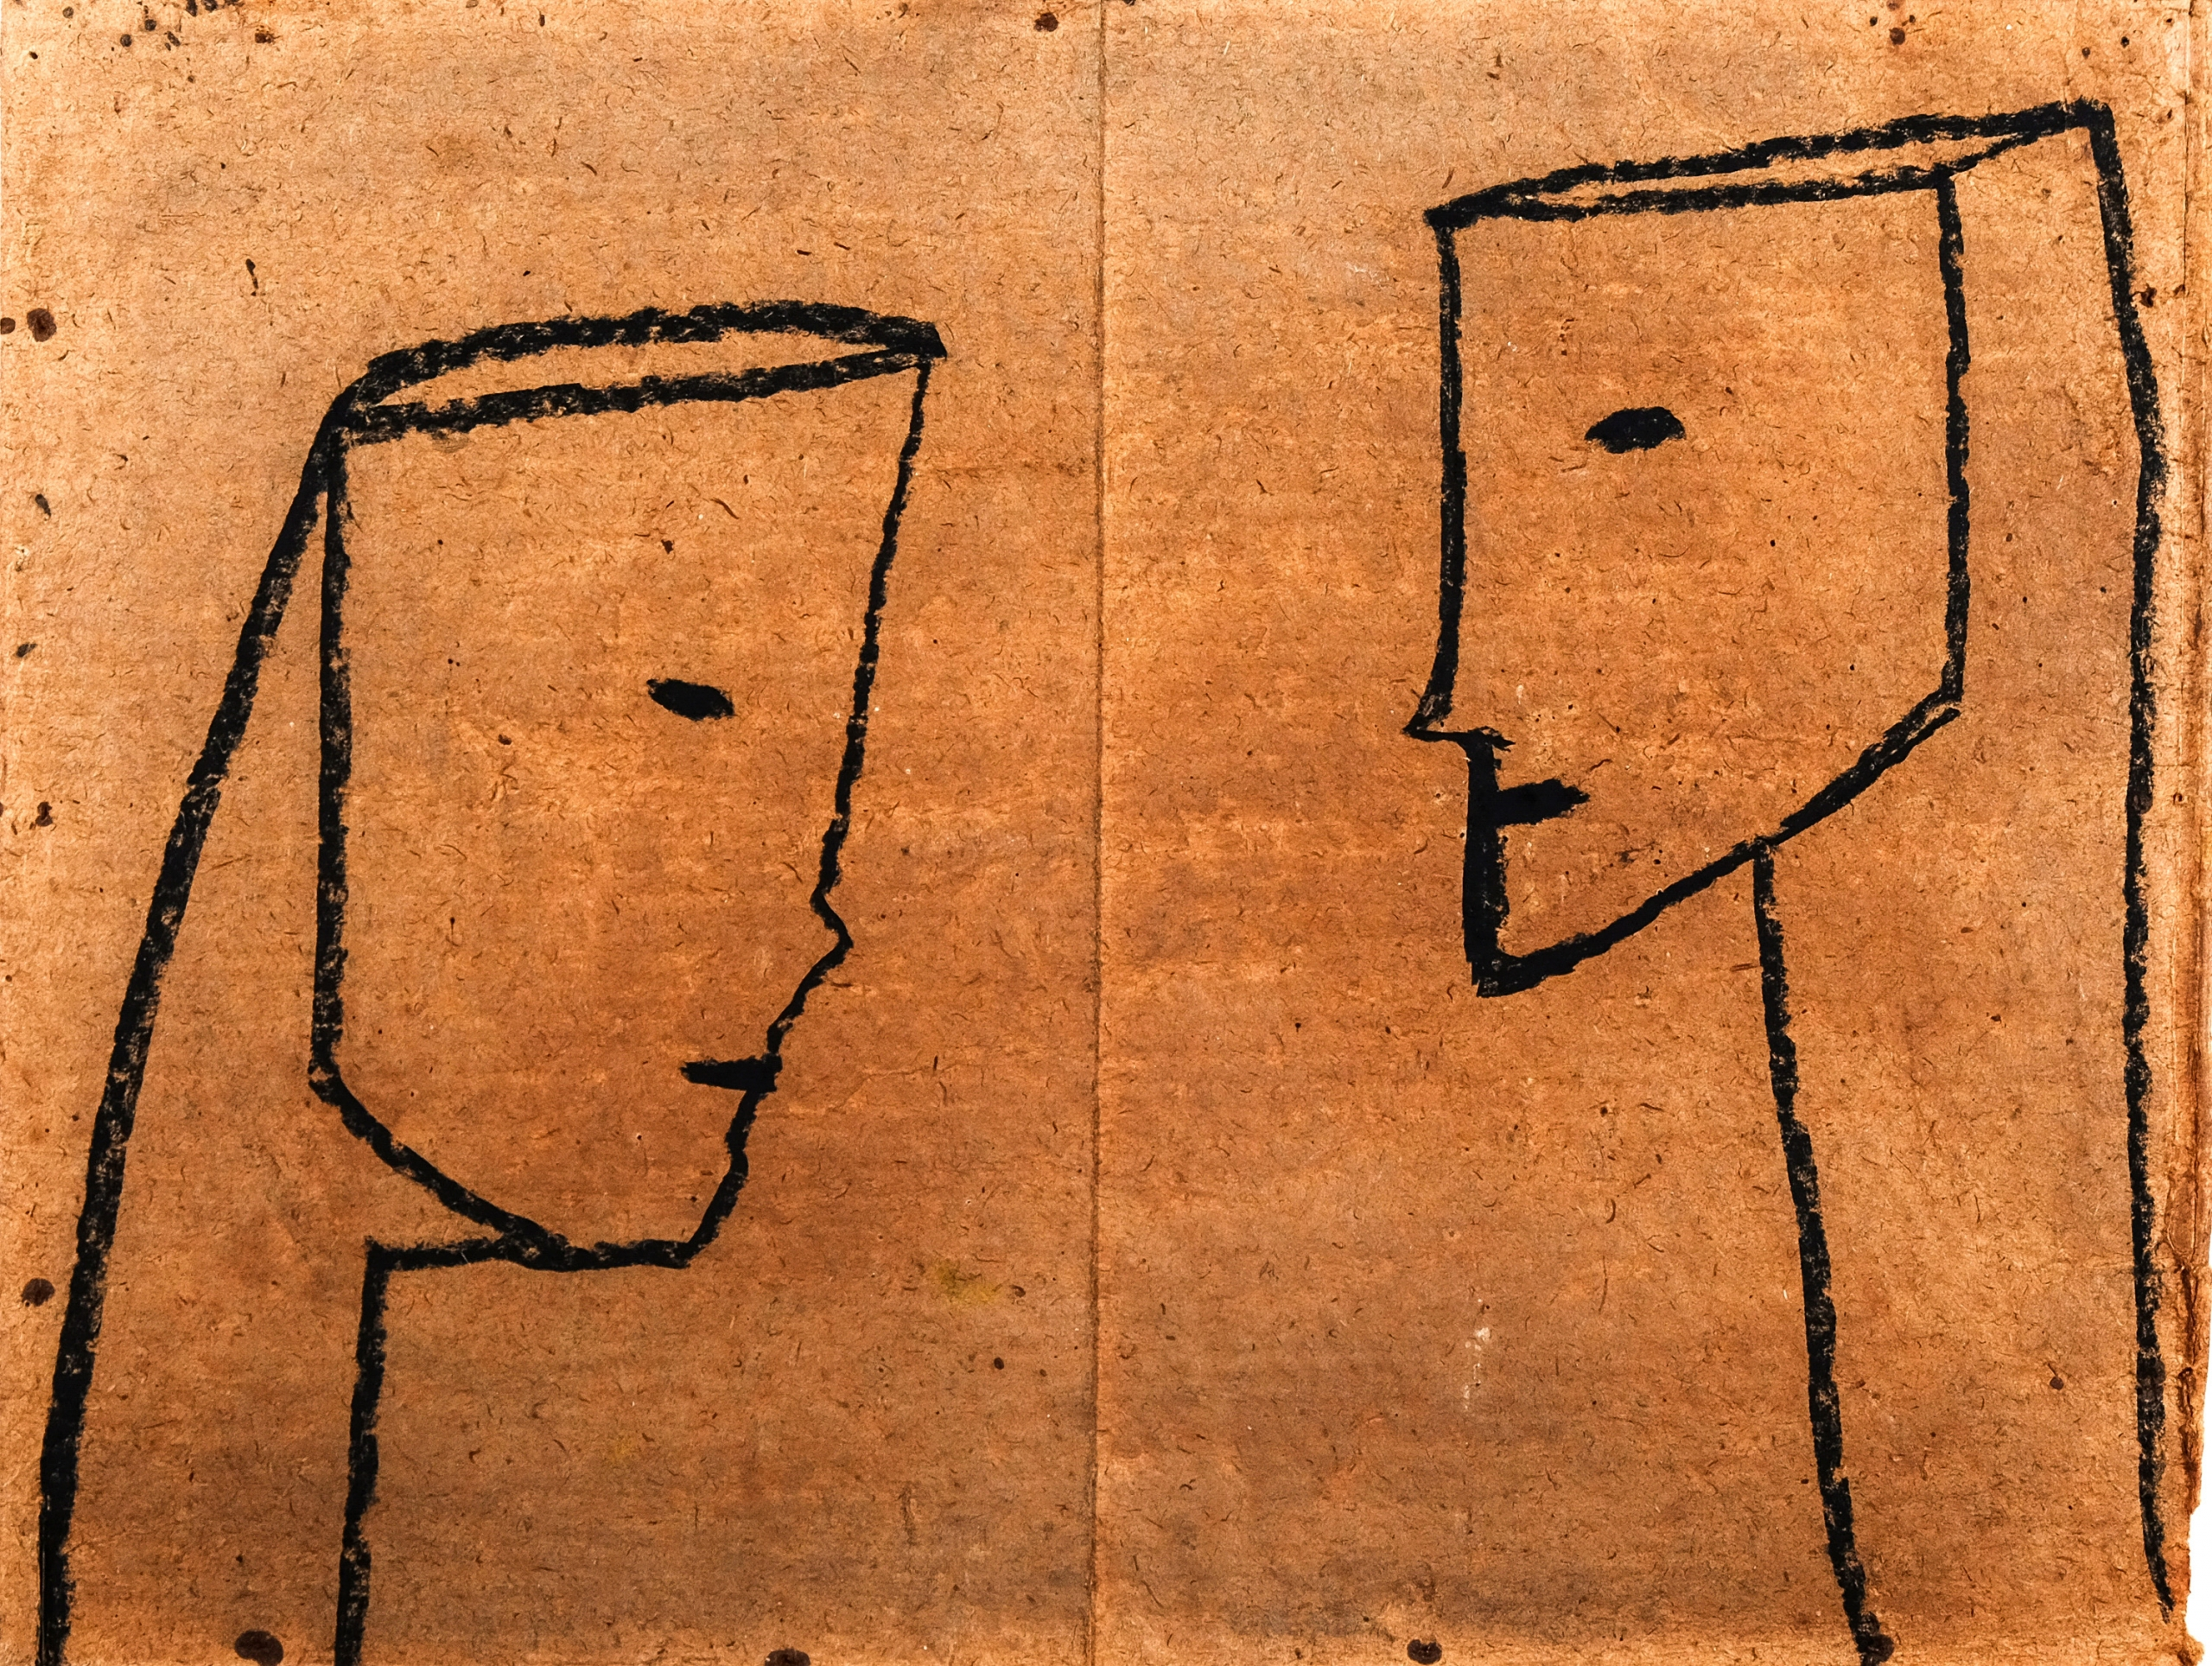 Franz Blaas, Zwei Gesichter